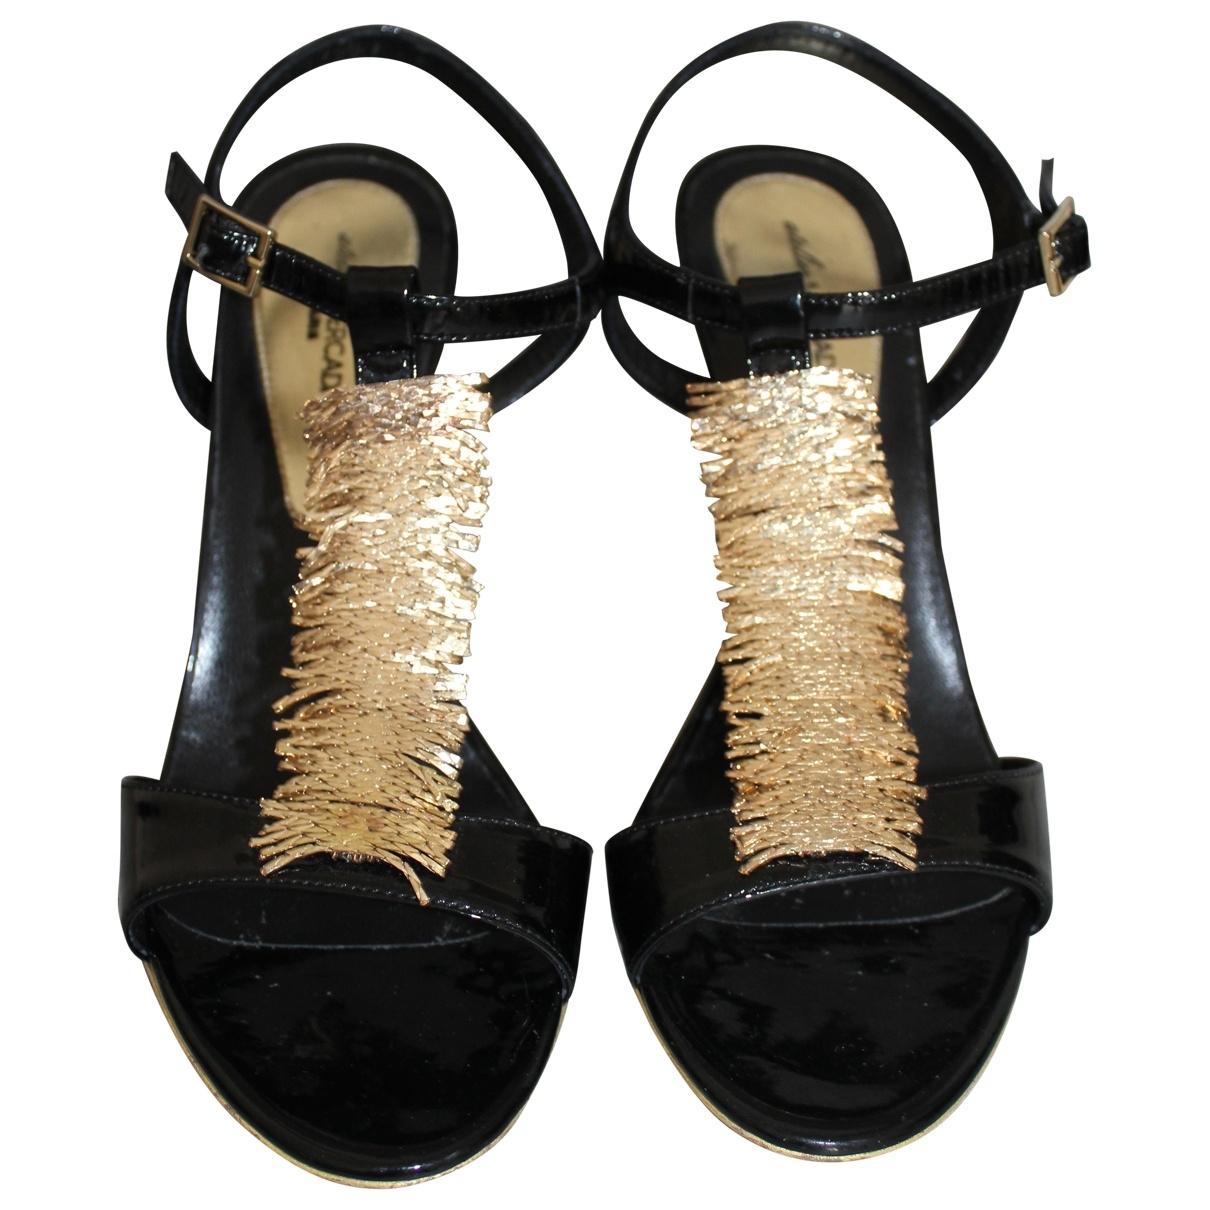 Sandalias romanas de Charol Atelier Mercadal